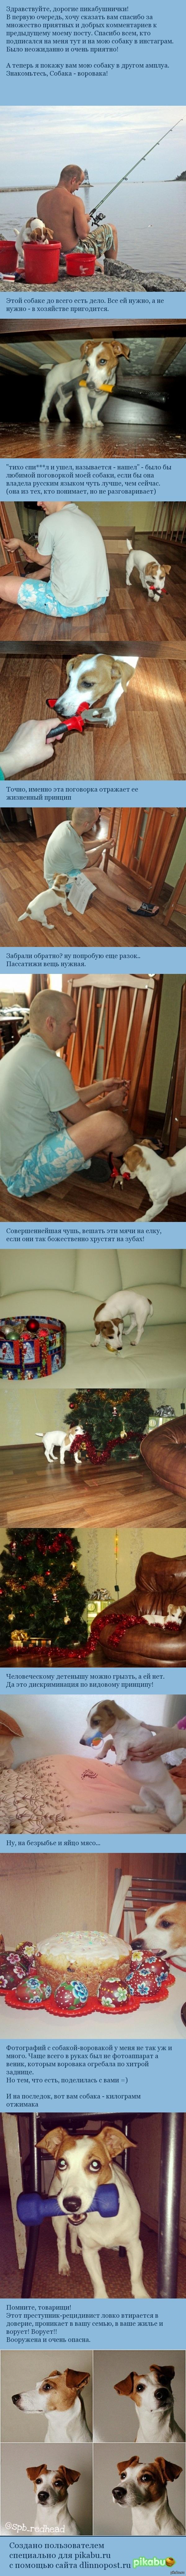 Собака - воровака порода: Джек Рассел терьер